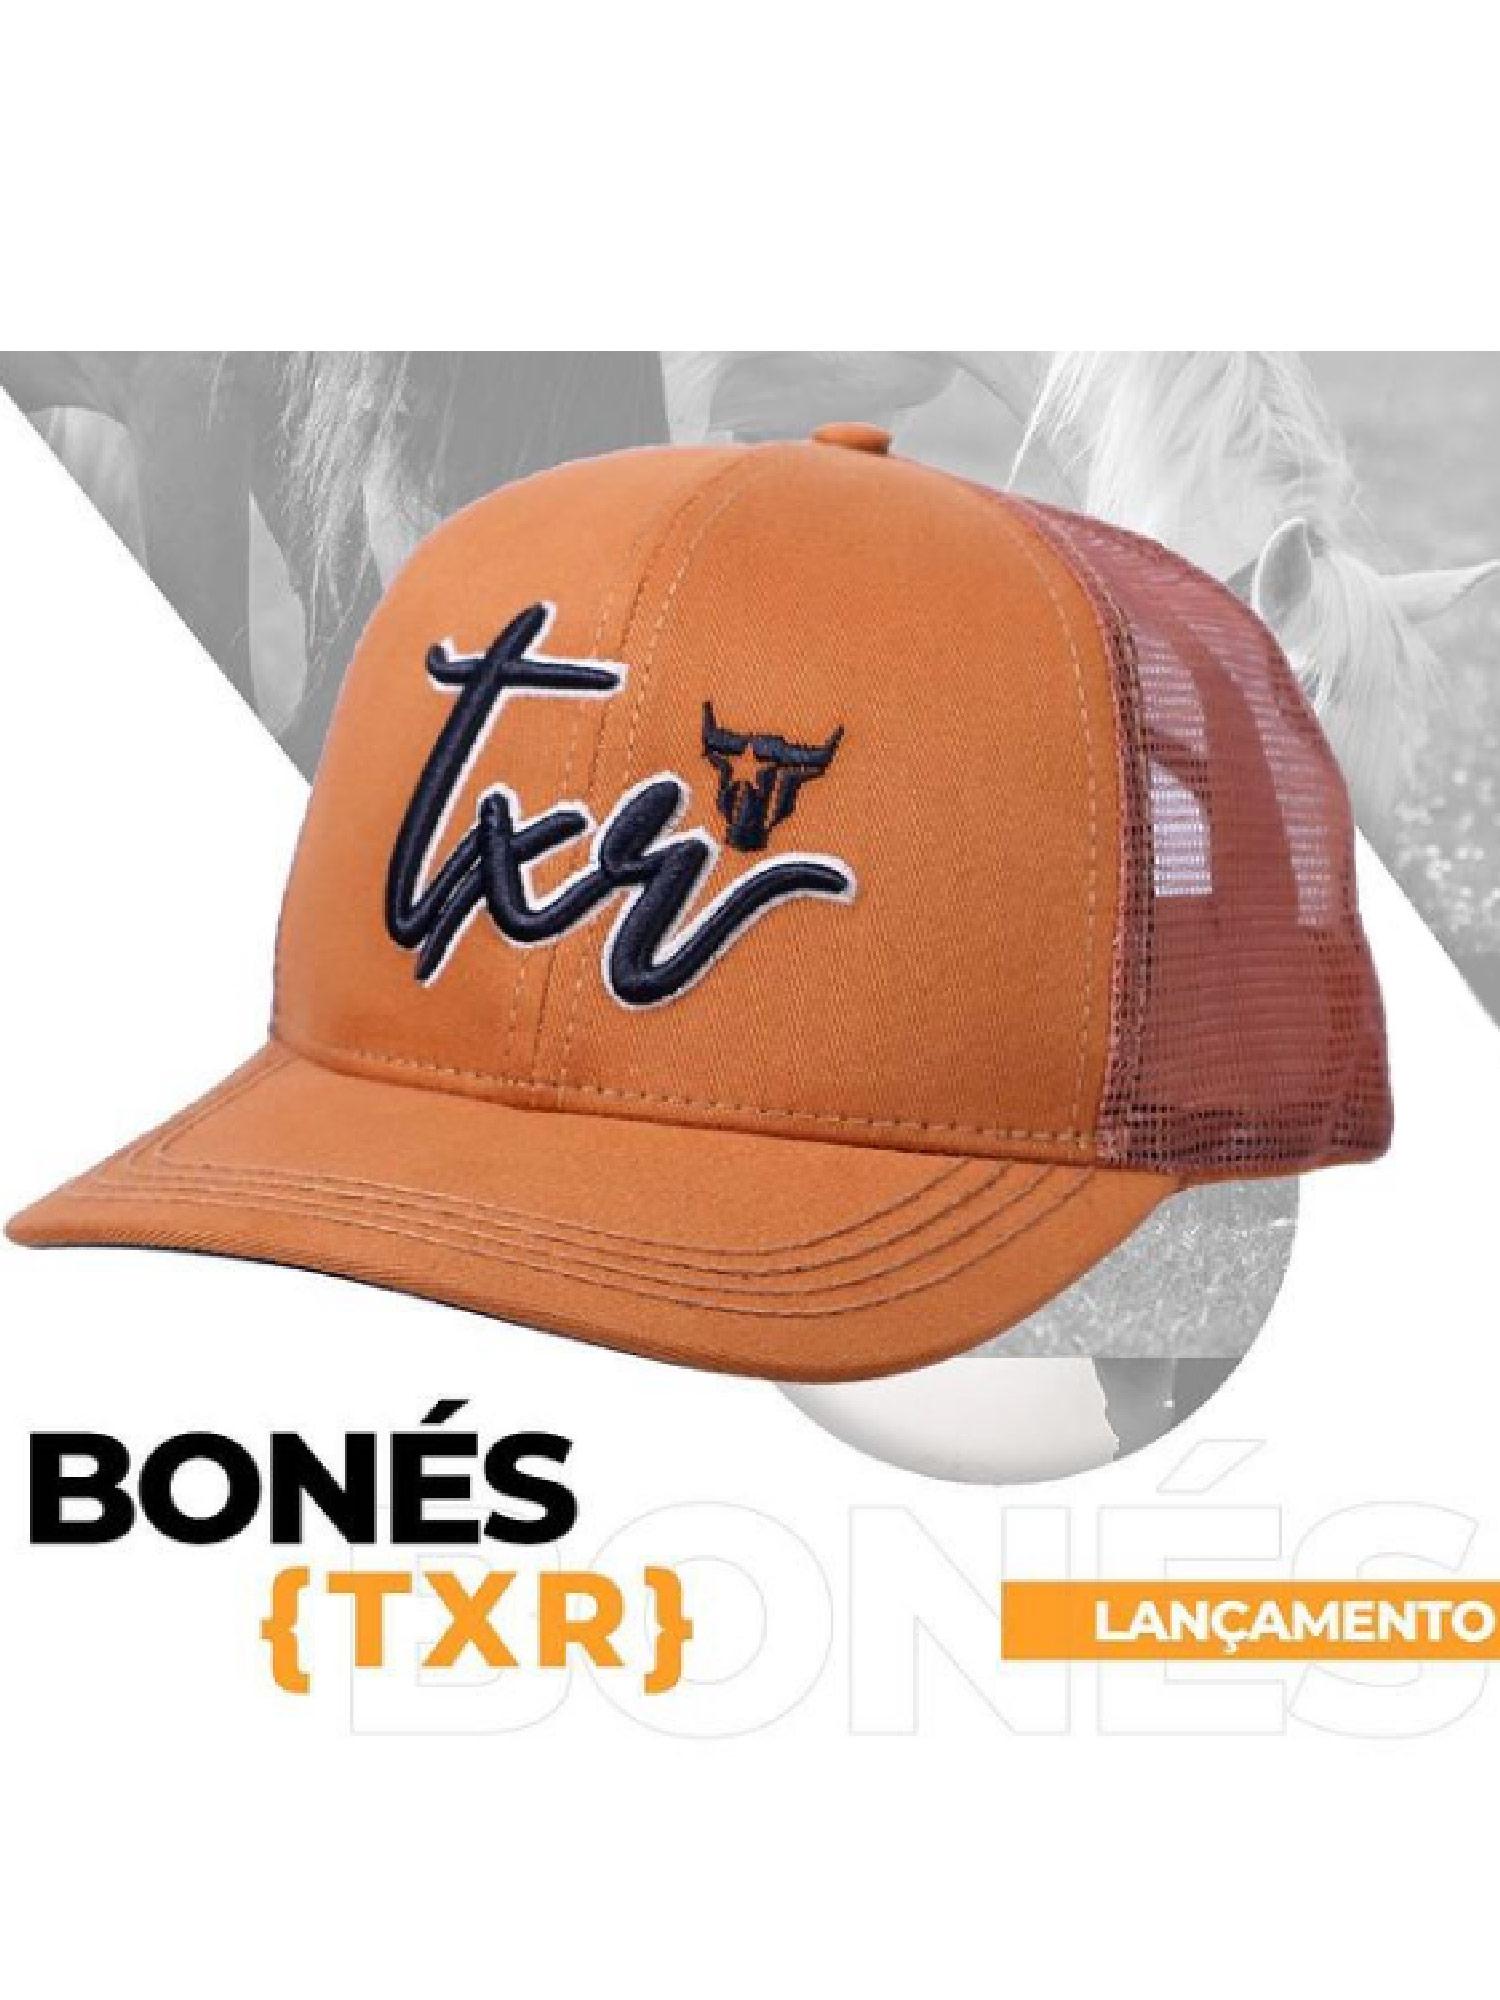 Boné Texas Road Caramelo e Preto com tela